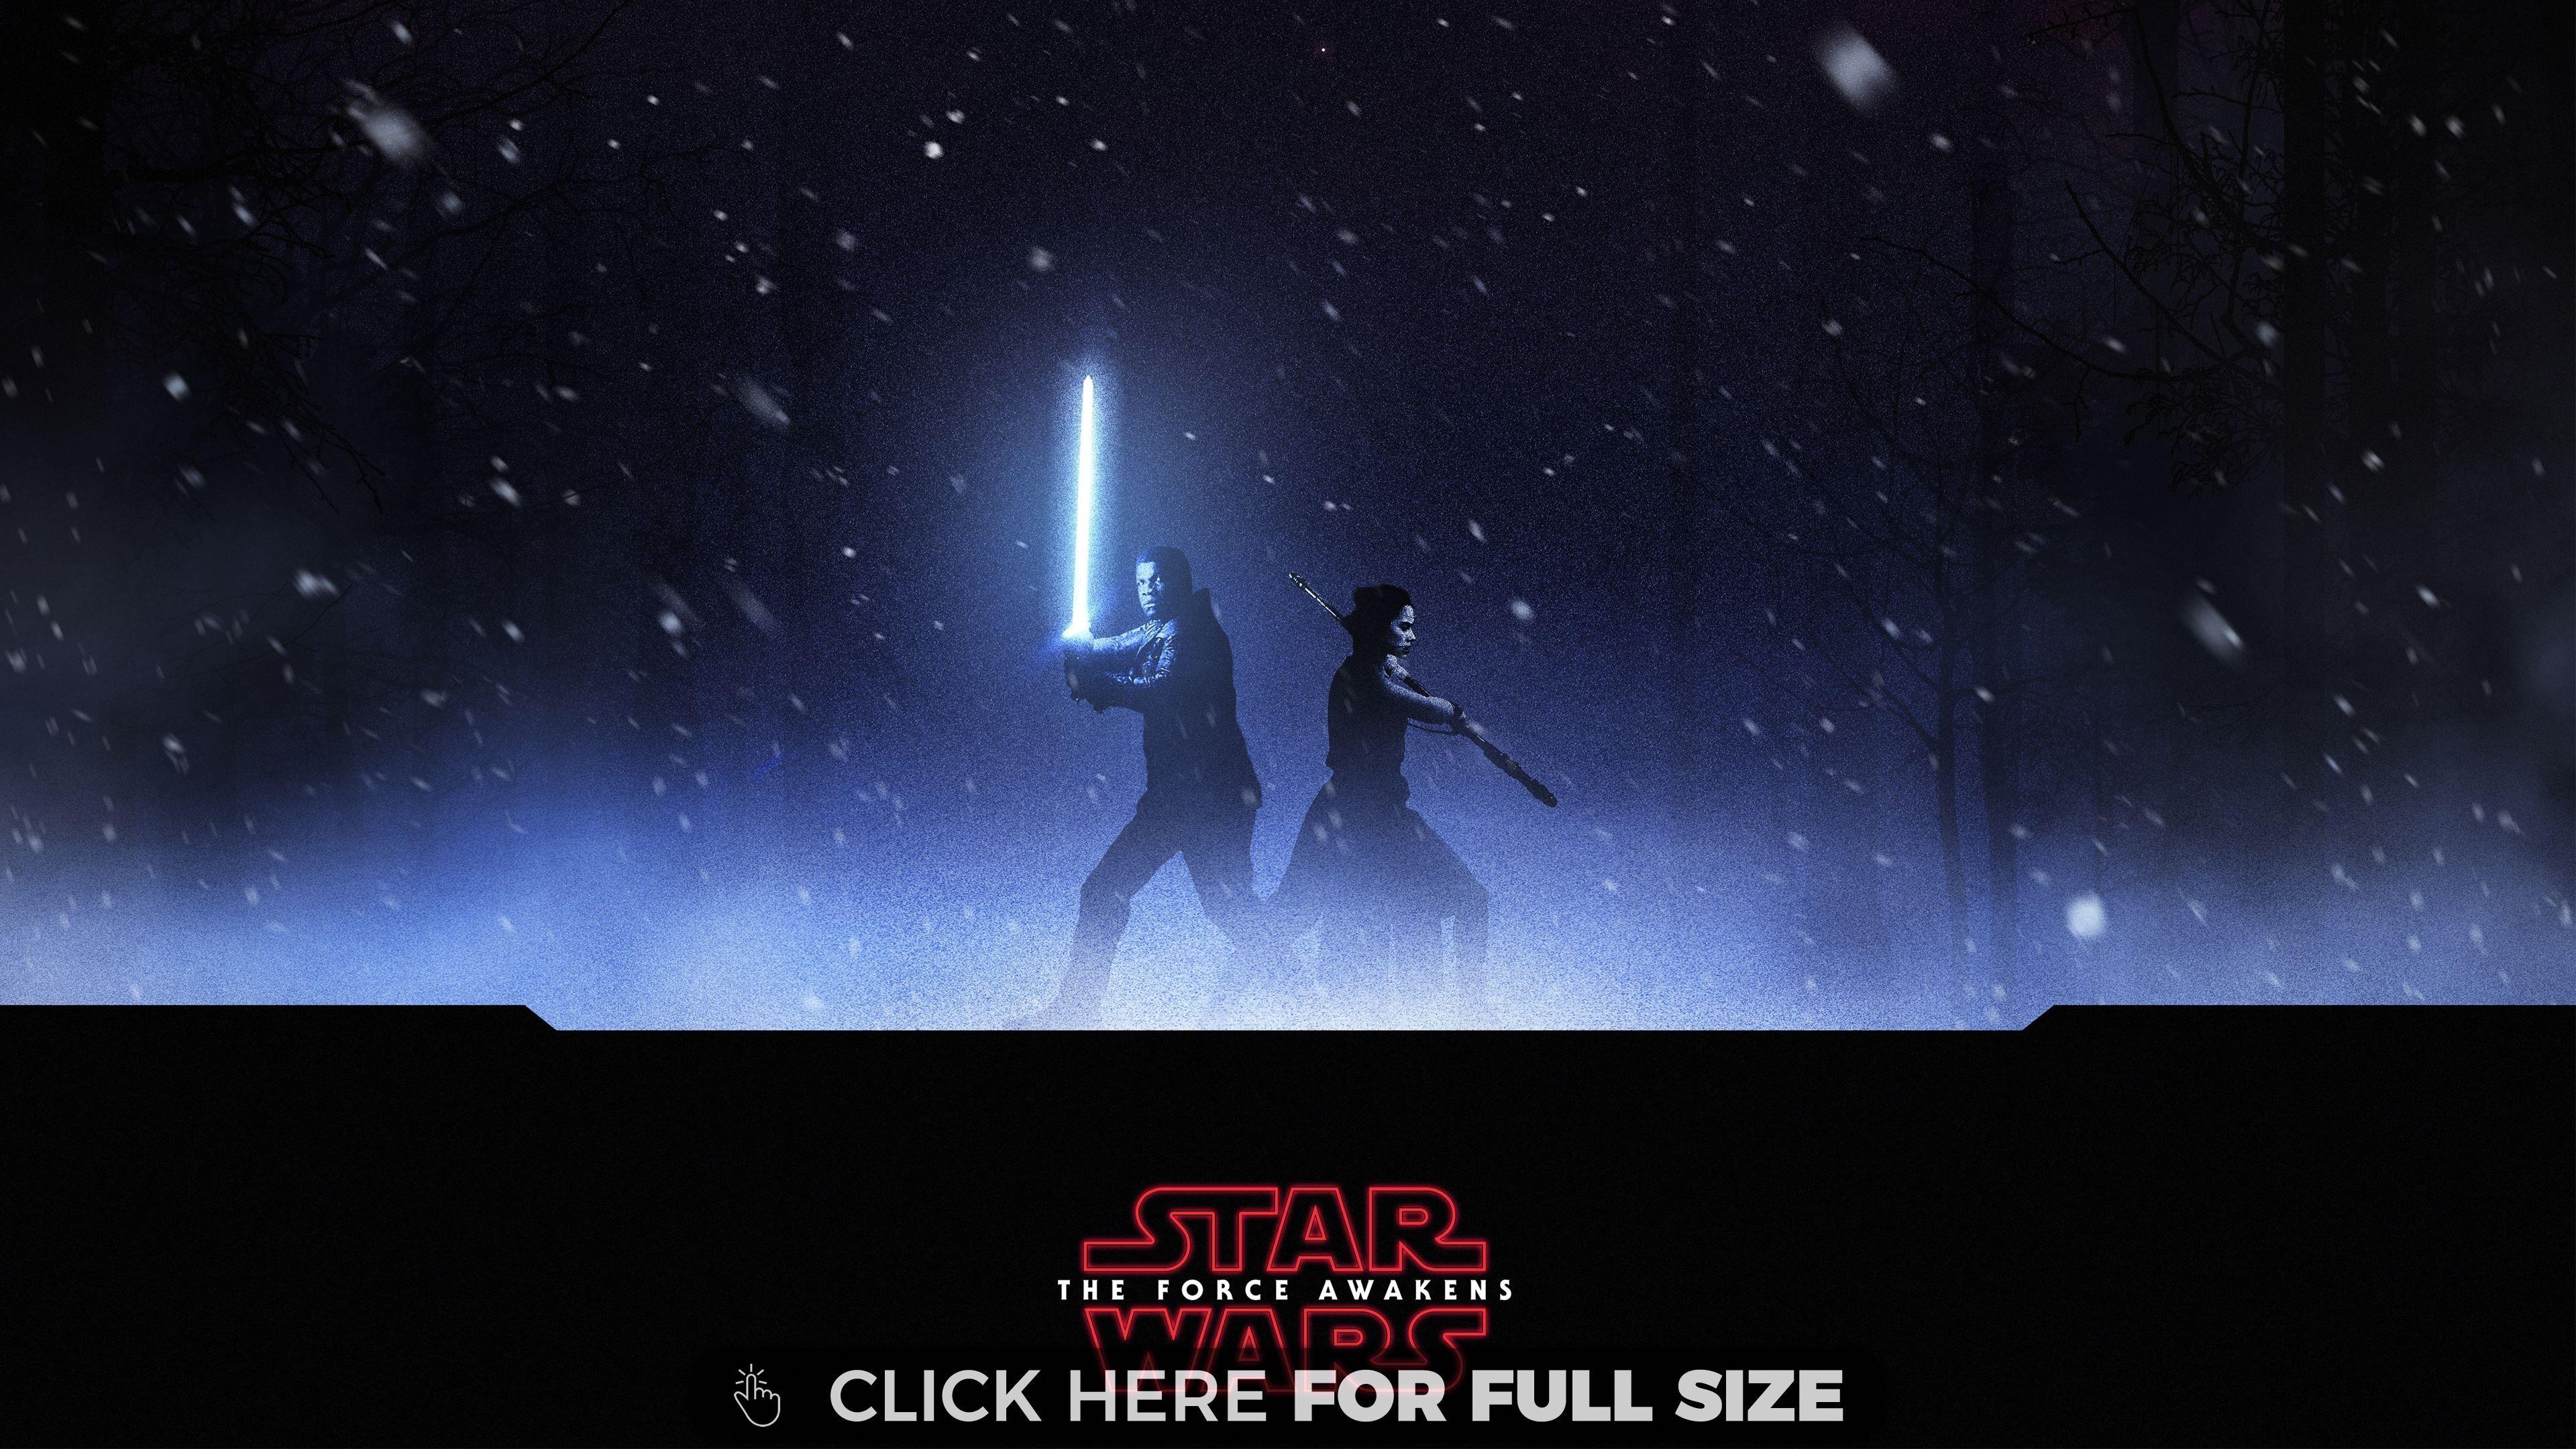 Lightsaber Hd Wallpapers Backgrounds Wallpaper Star Wars Wallpaper Star Wars Pictures Rey Star Wars